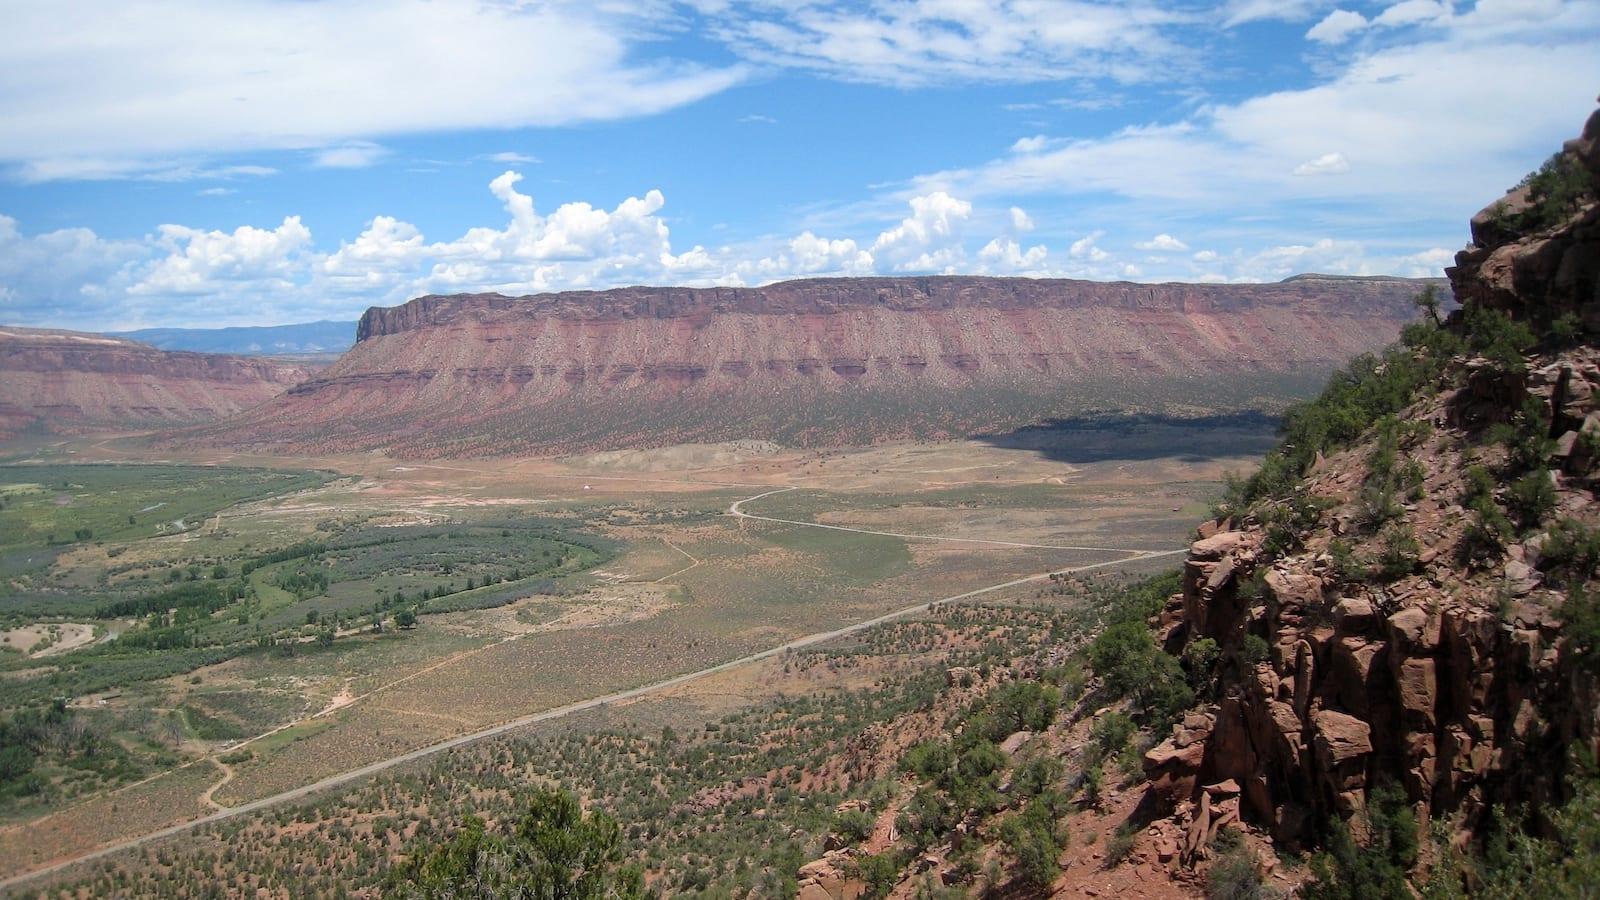 Paradox Valley Overlook Colorado Dolores River on left